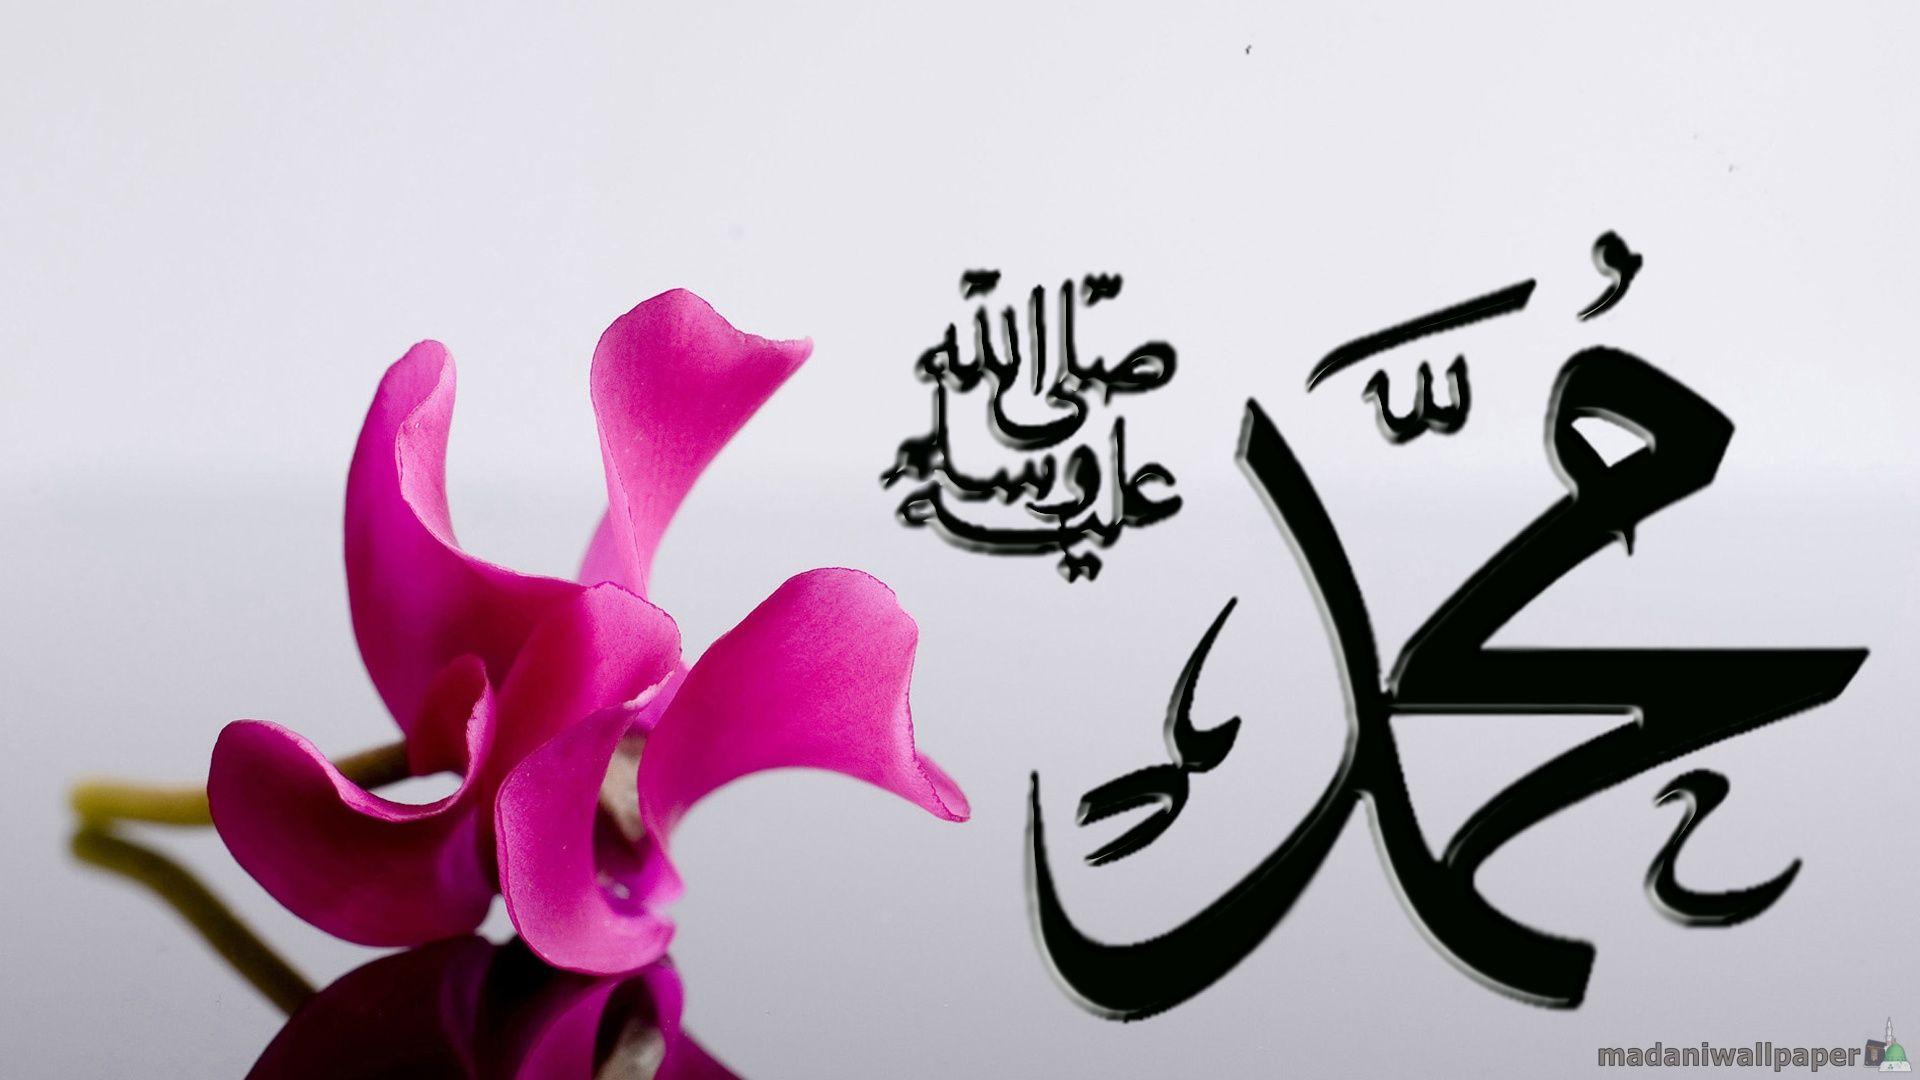 Wonderful Wallpaper Name Arabic - 25da03104463871ef84f3465fa0d6cb4  Photograph_948745.jpg